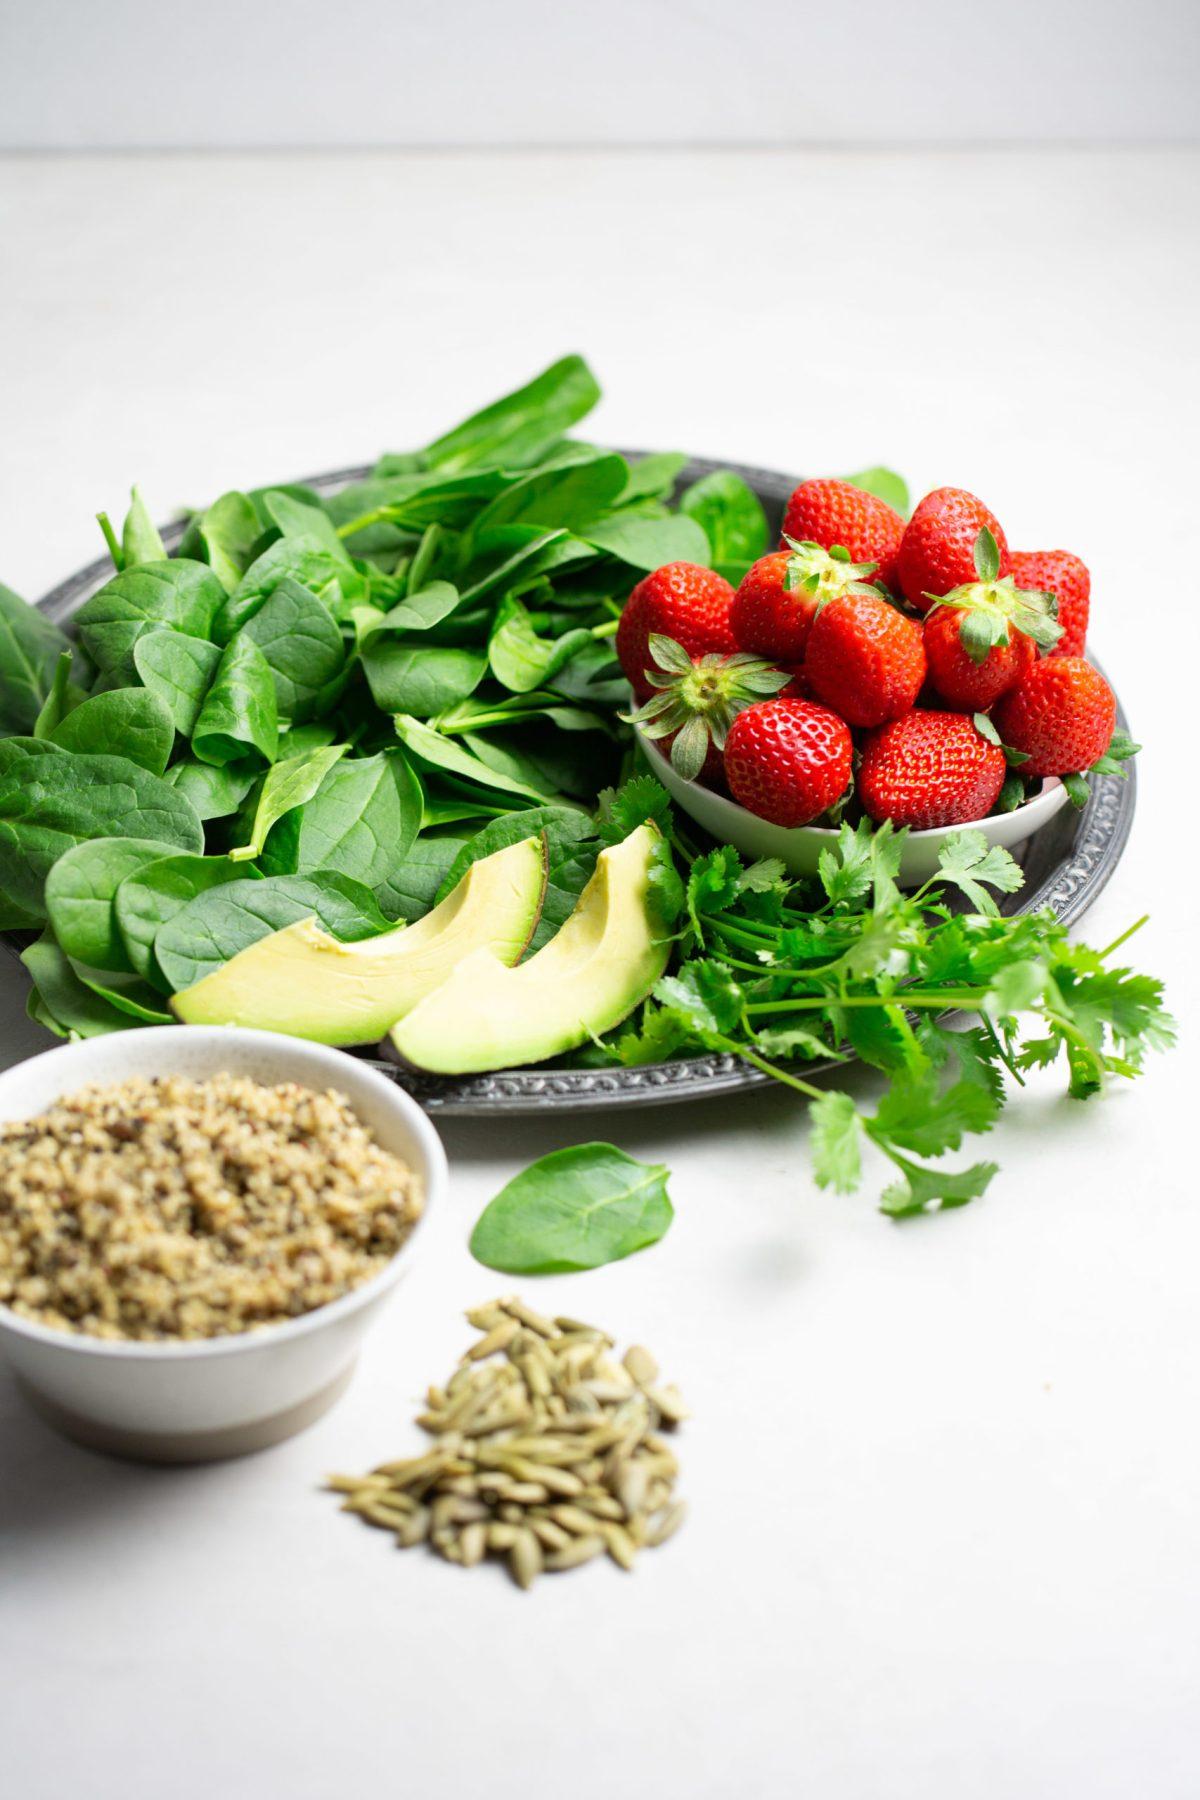 ingredientes para hacer ensalada de espinacas con fresas